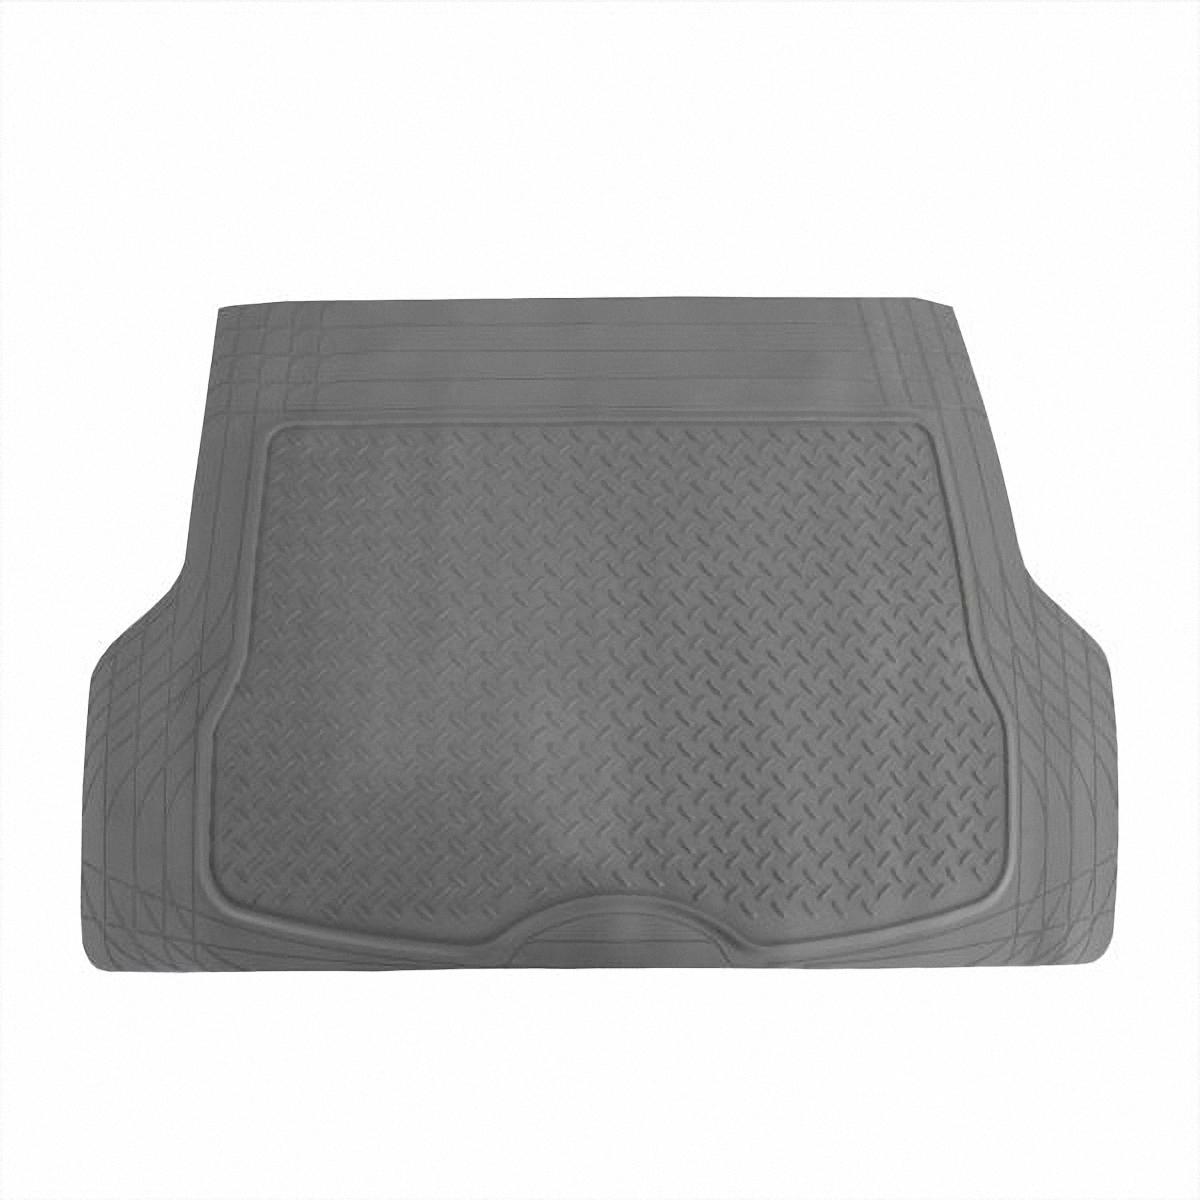 Коврик в салон автомобиля Skyway, в багажник, цвет: серый, 80 х 126,5 смSC-FD421005Коврик сохраняет эластичность даже при экстремально низких и высоких температурах (от -50°С до +50°С). Обладает повышенной устойчивостью к износу и агрессивным средам, таким как антигололёдные реагенты, масло и топливо. Усовершенствованная конструкция изделия обеспечивает плотное прилегание и надёжную фиксацию коврика на полу автомобиля.Размер: 80 х 126,5 см.